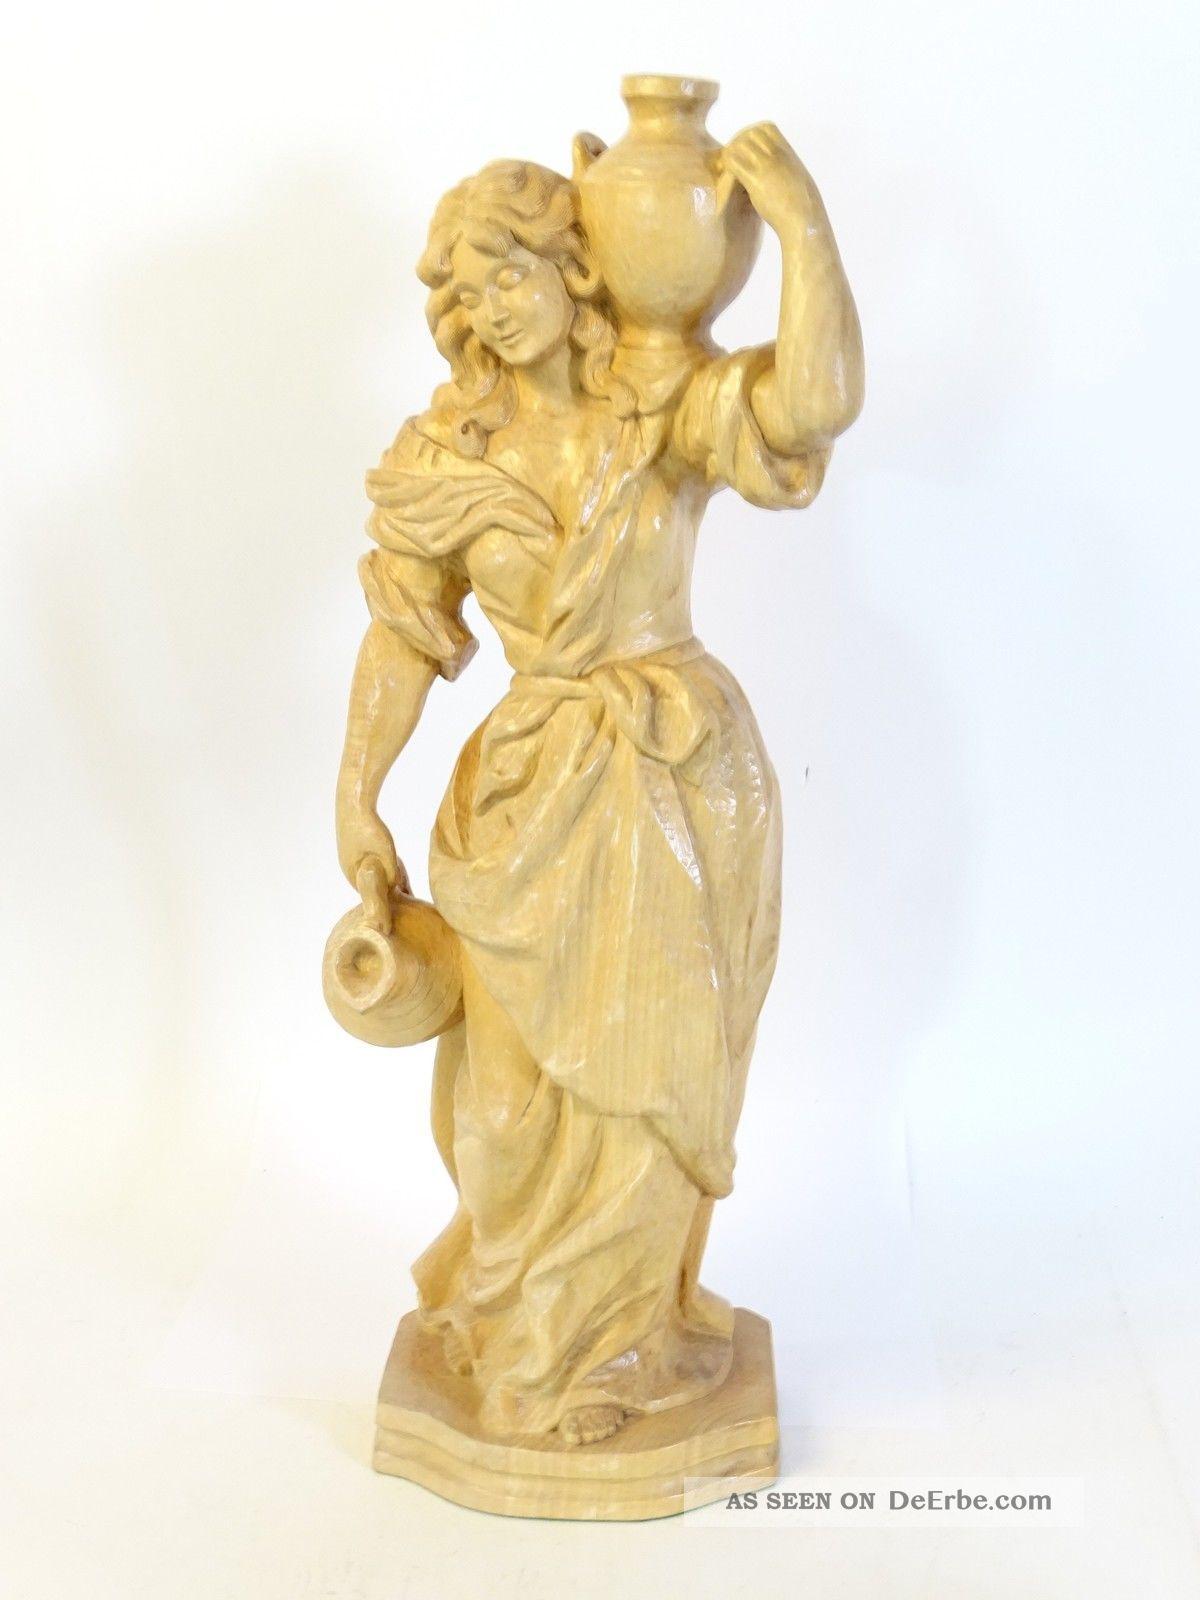 Antik Große Holz Figur Handgeschnitzt Dame Bäuerin Mit Krügen In Hand Hochwertig Holzarbeiten Bild